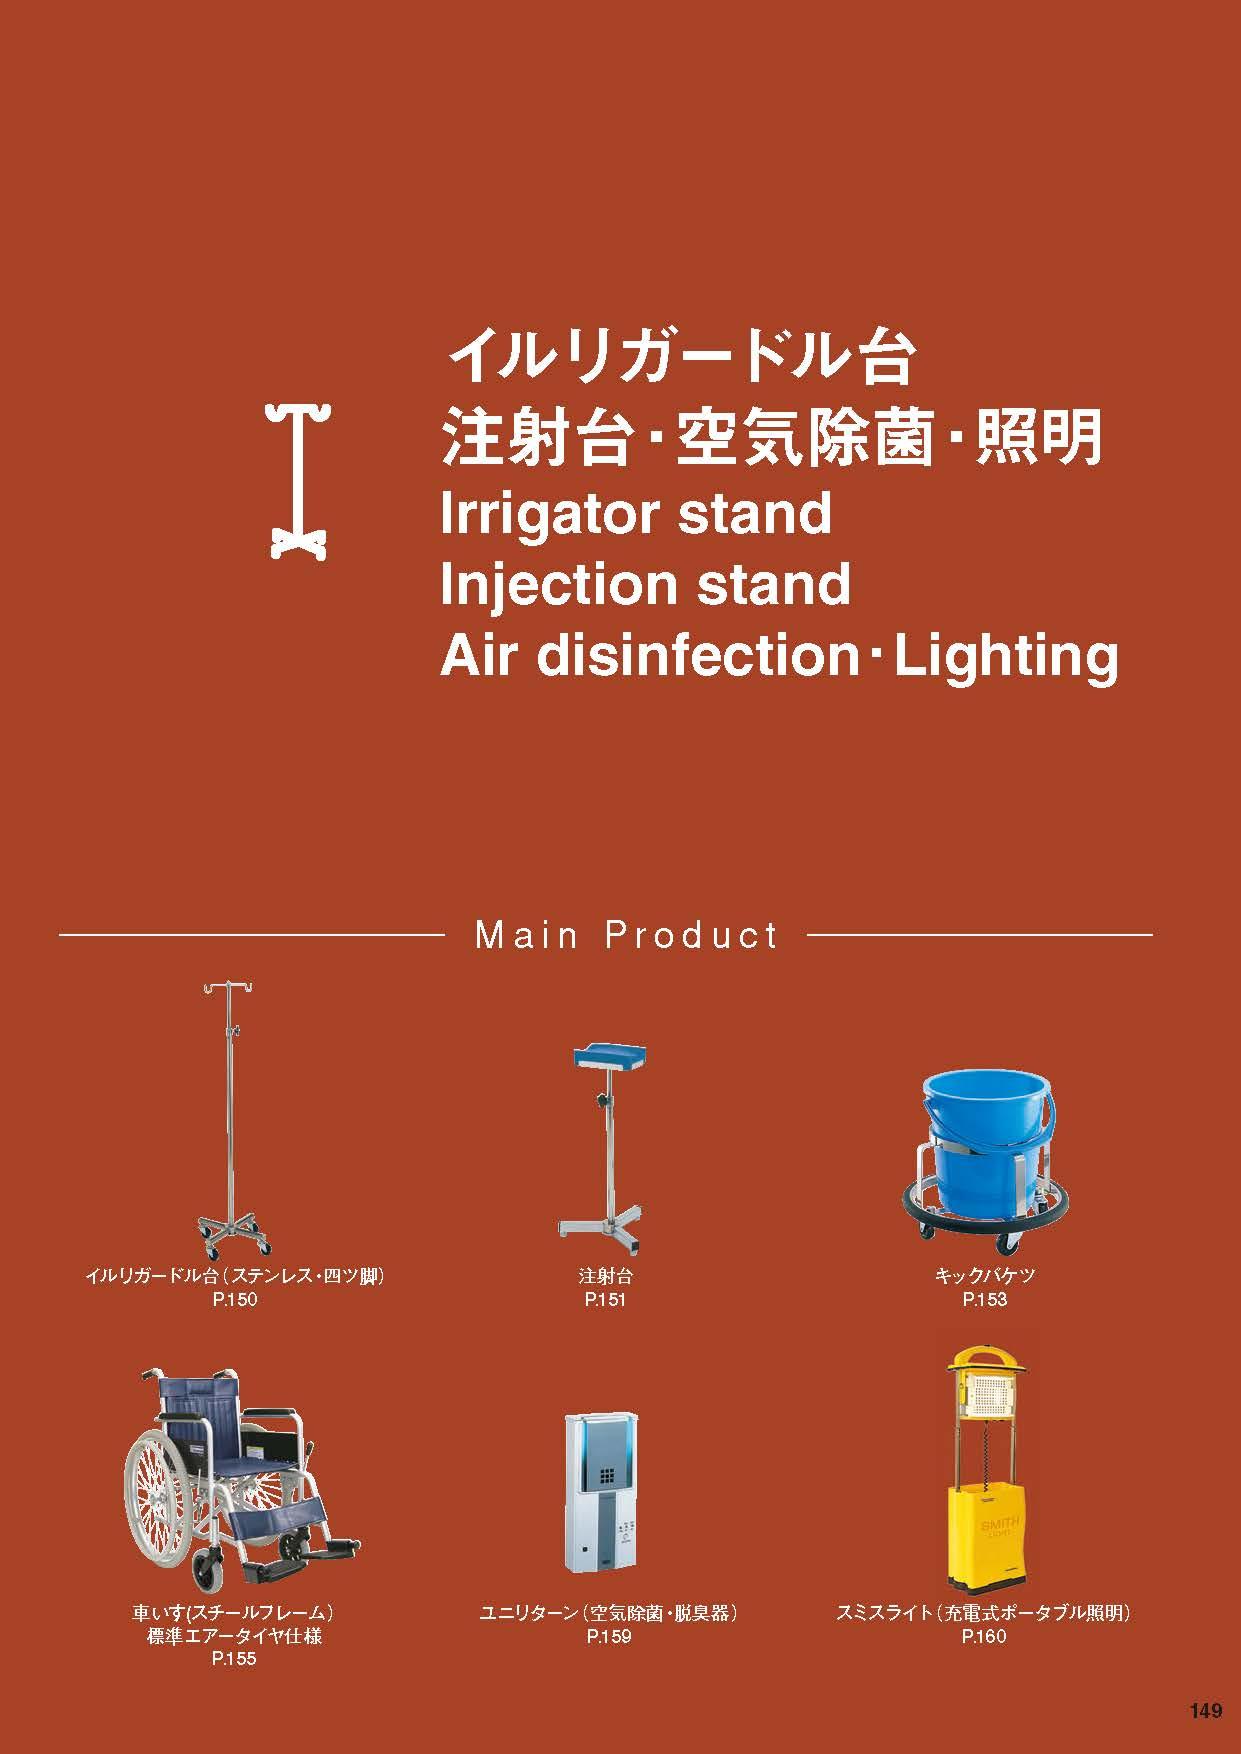 イルリガードル台・注射台・<br /> 空気除菌・照明